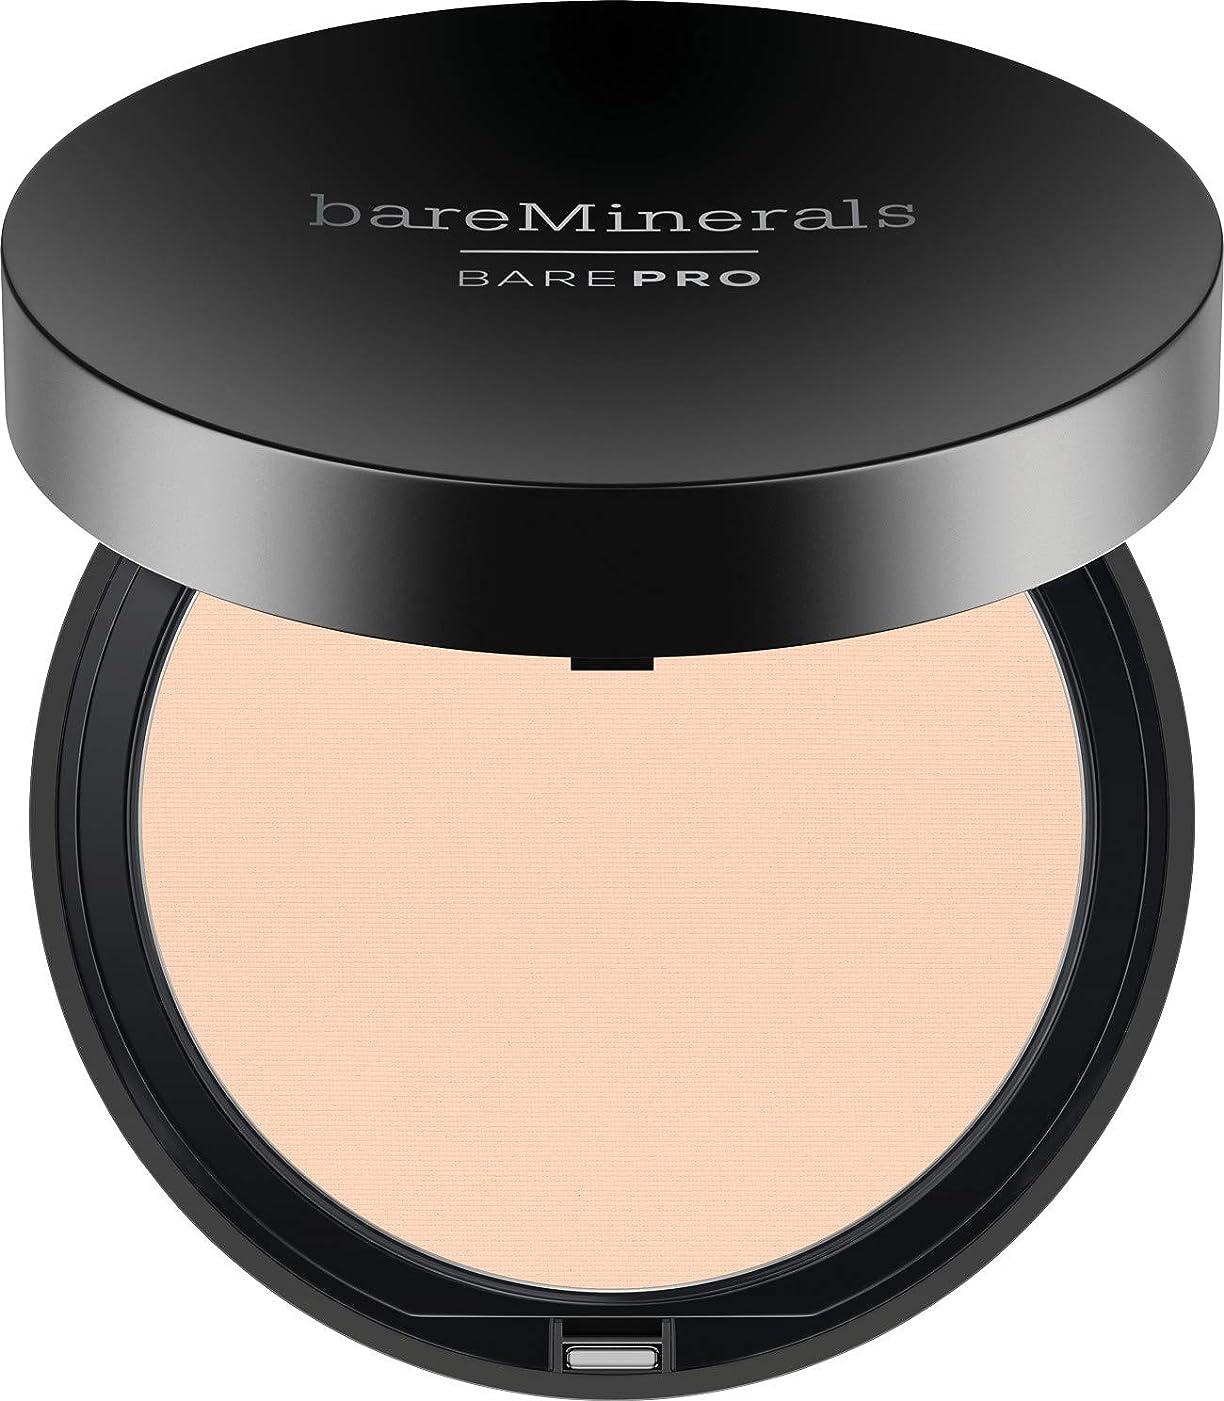 酔う一口パワーセルベアミネラル BarePro Performance Wear Powder Foundation - # 01 Fair 10g/0.34oz並行輸入品